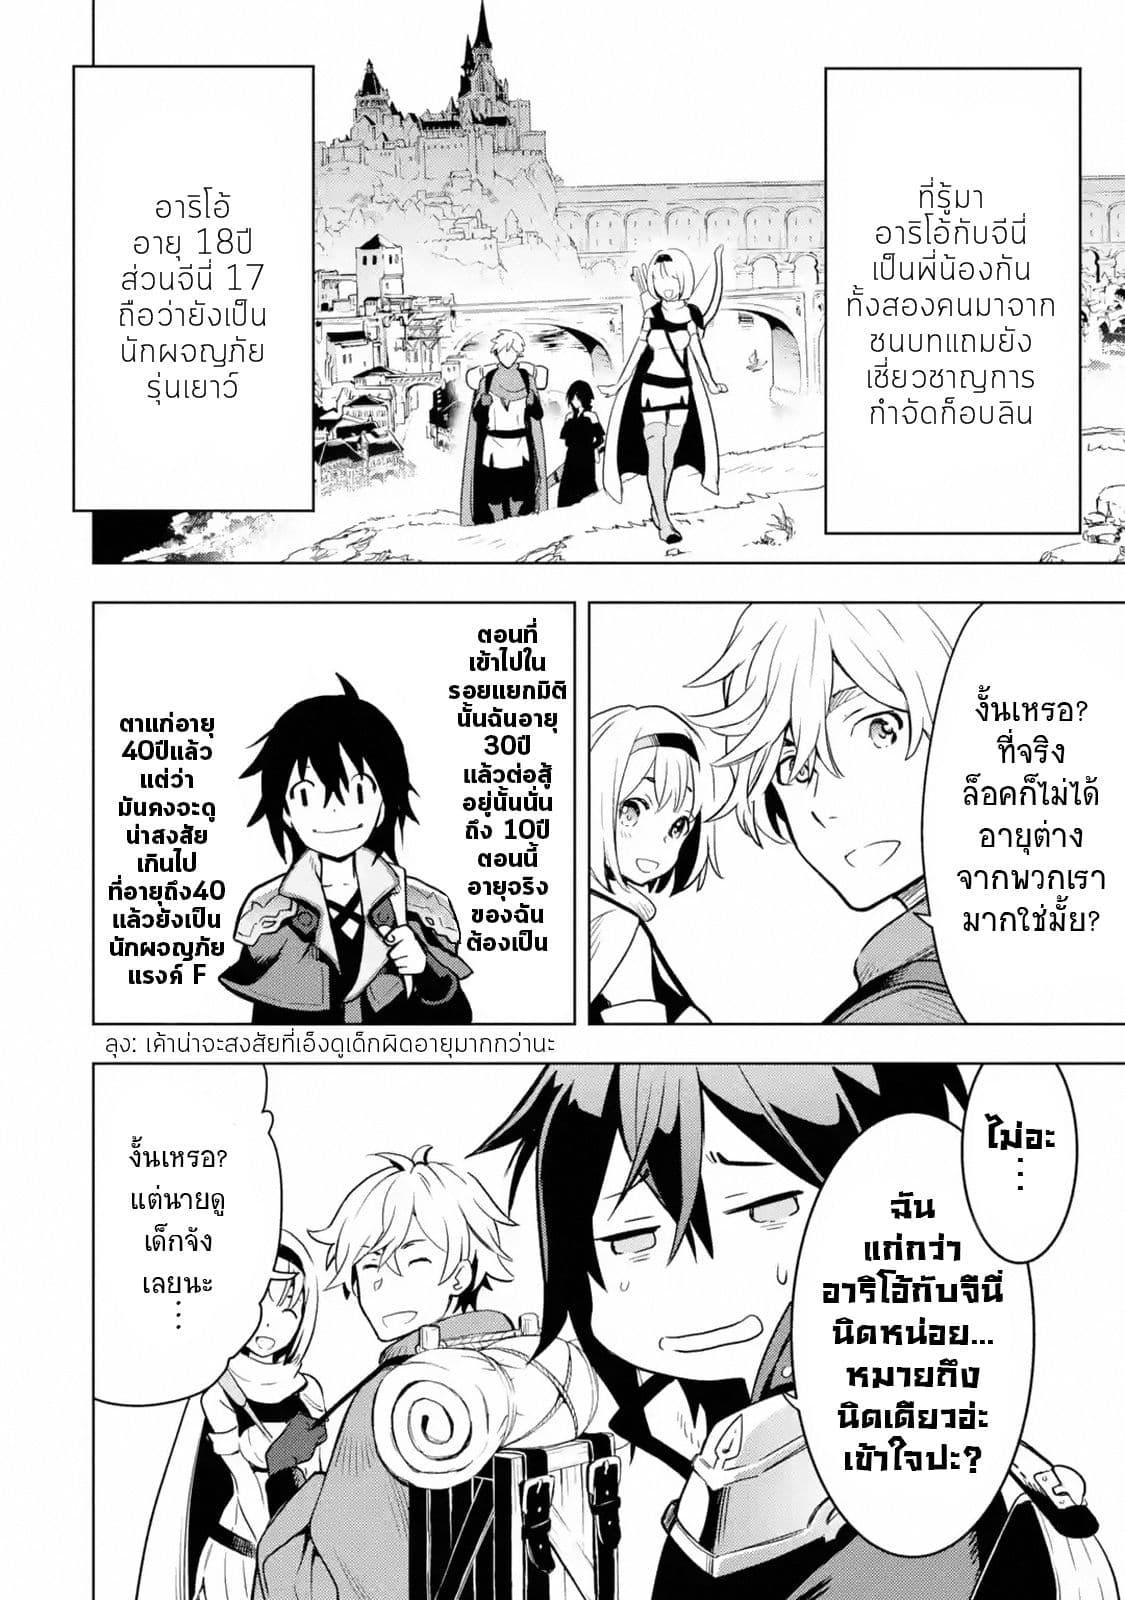 อ่านการ์ตูน Koko wa Ore ni Makasete Saki ni Ike to Itte kara 10 Nen ga Tattara Densetsu ni Natteita ตอนที่ 2 หน้าที่ 17